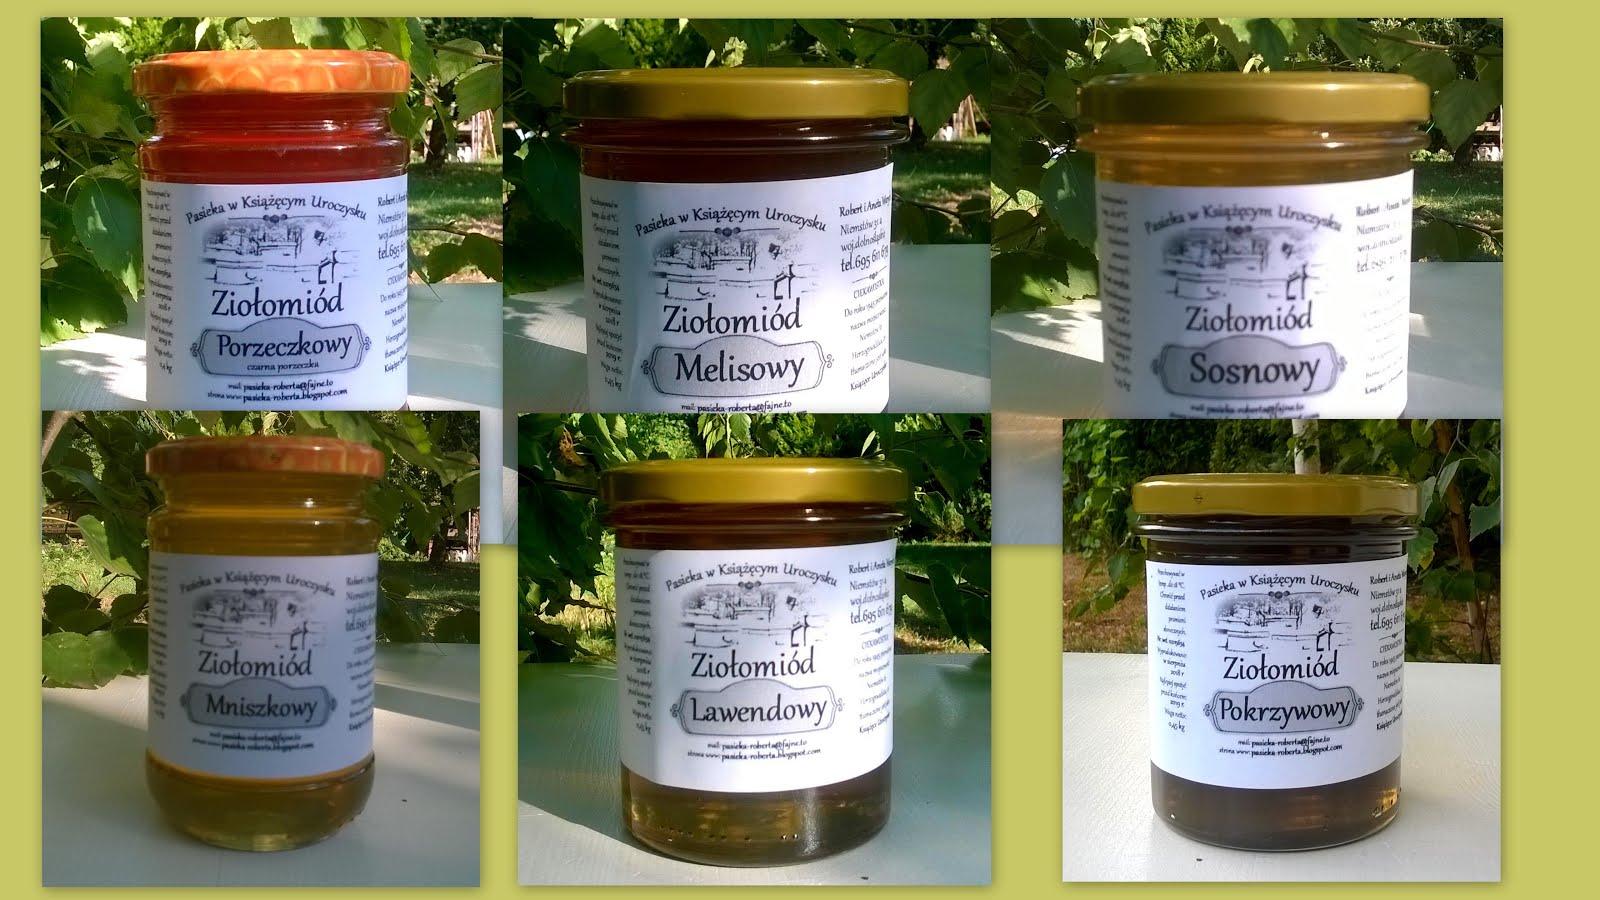 Miód z własnej pasieki, ziołomiody, produkty pszczele